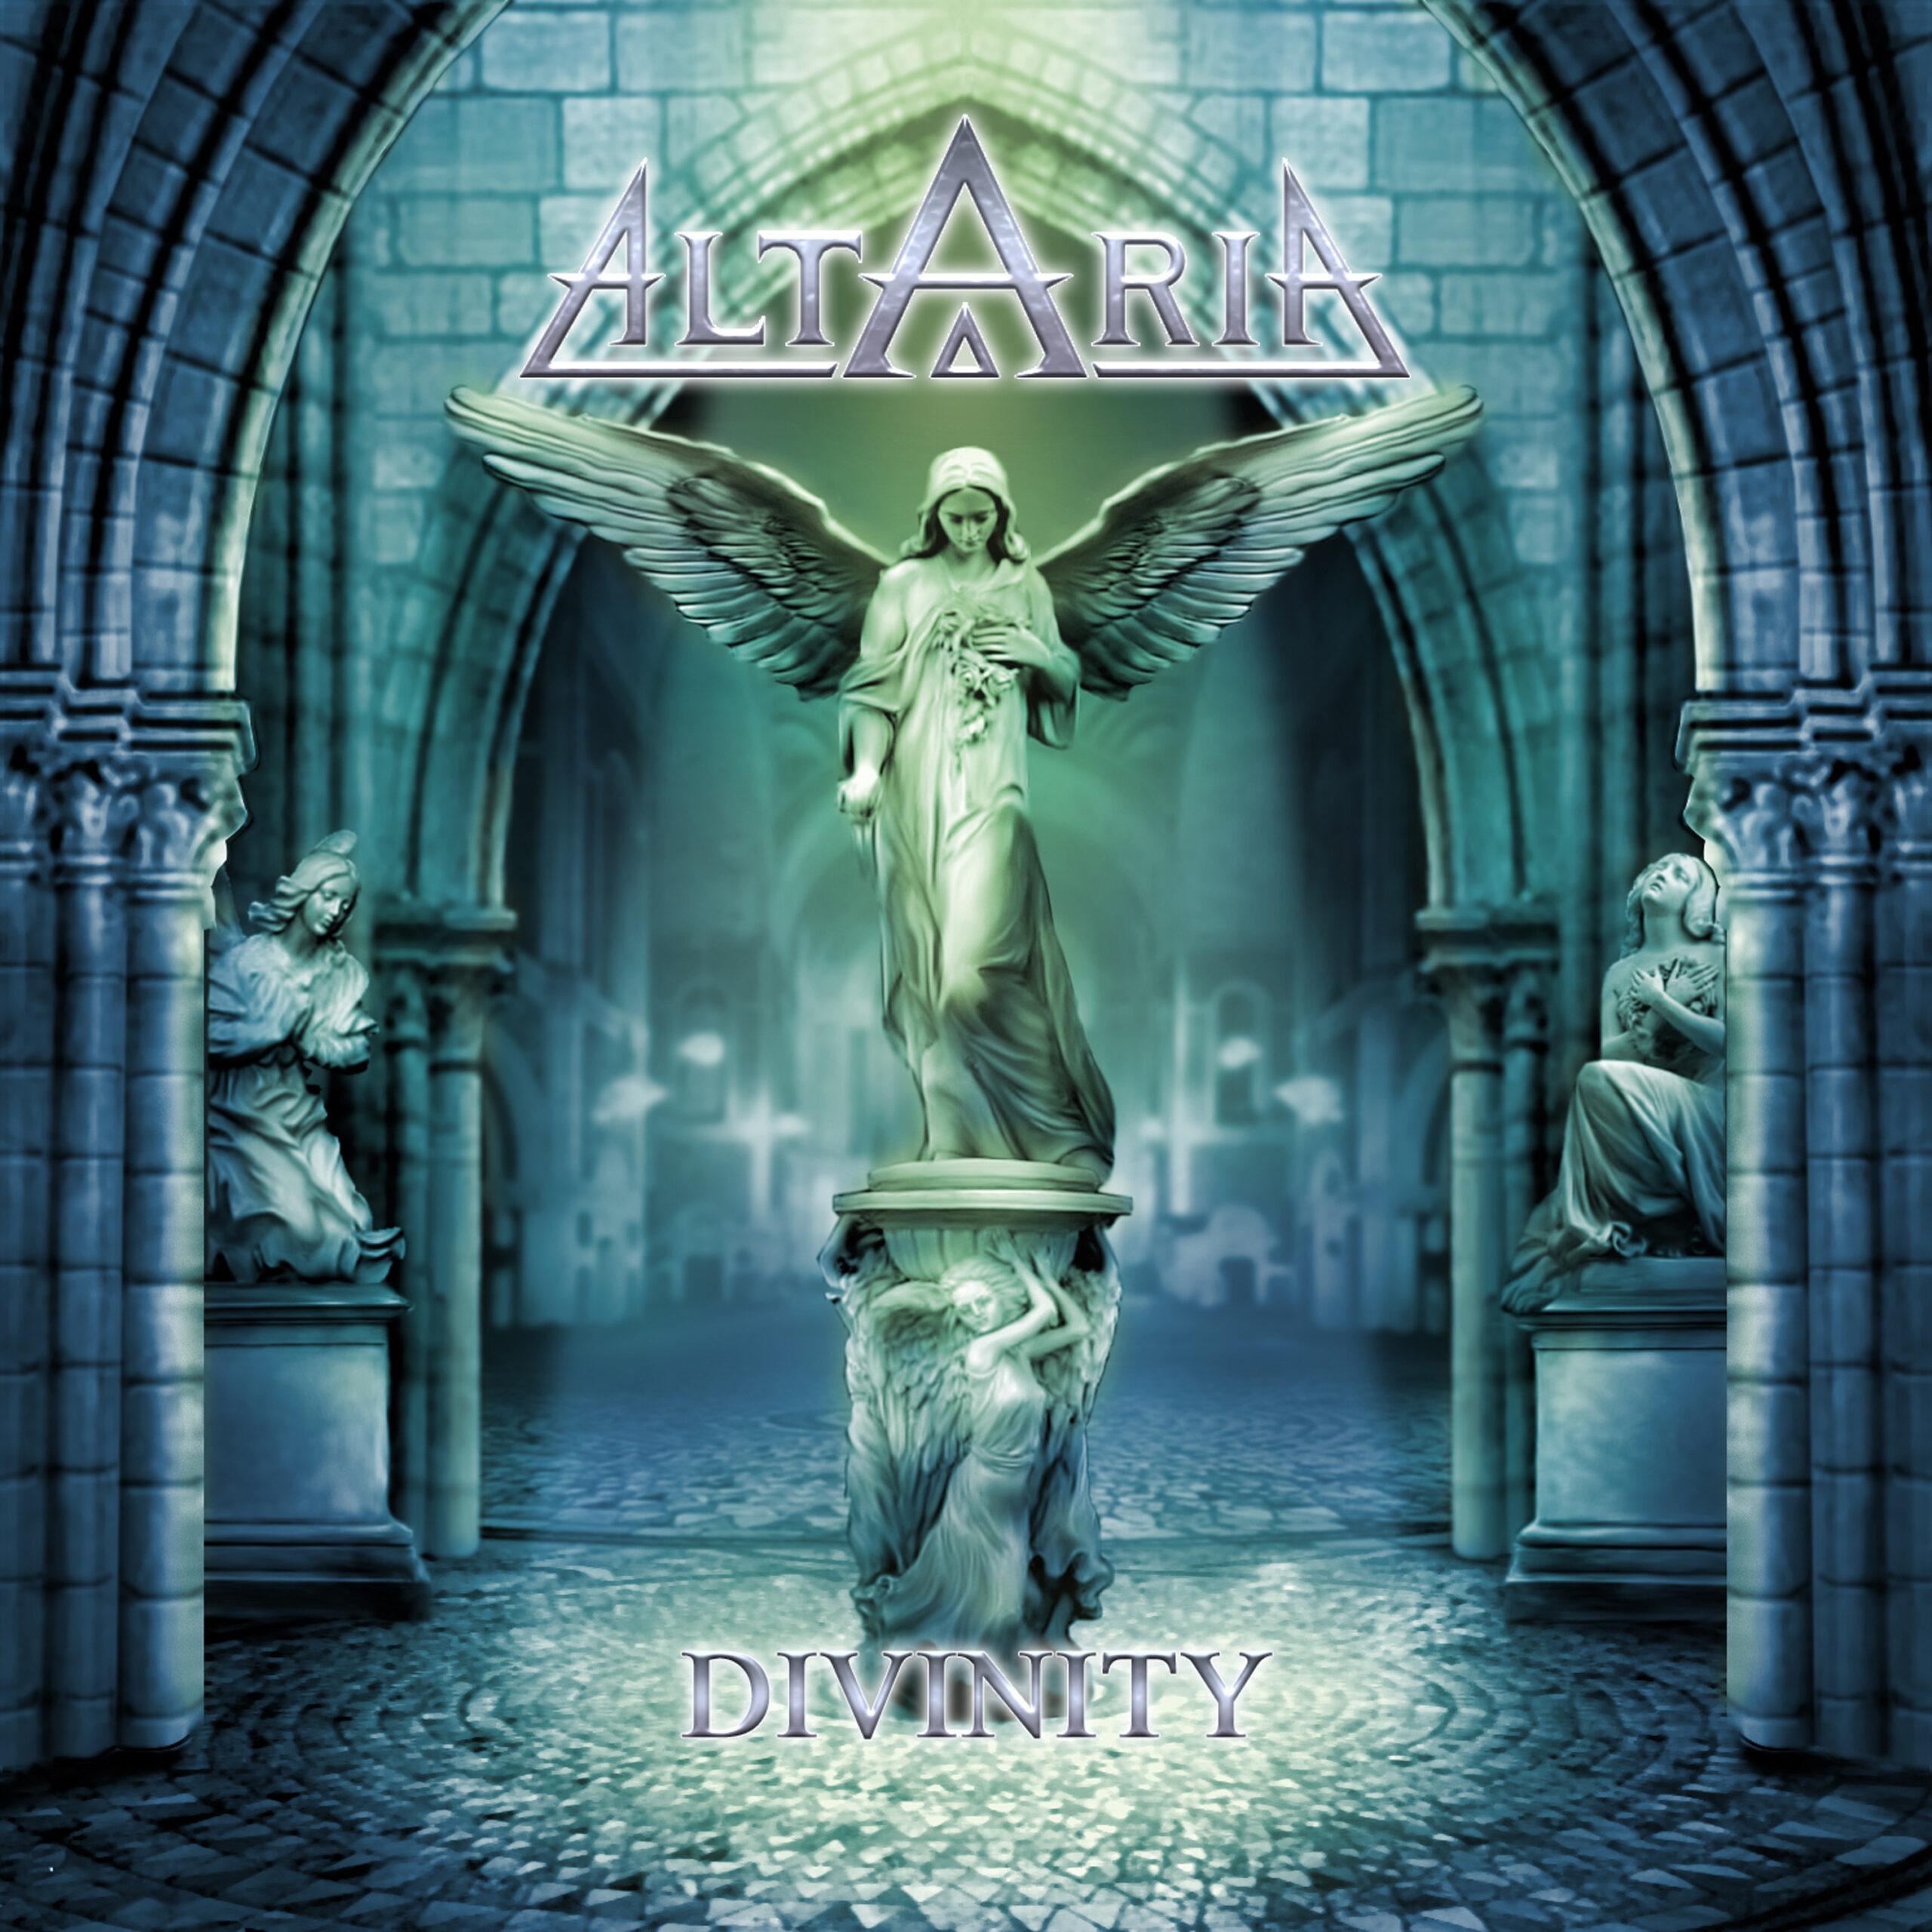 Altaria - Divinity